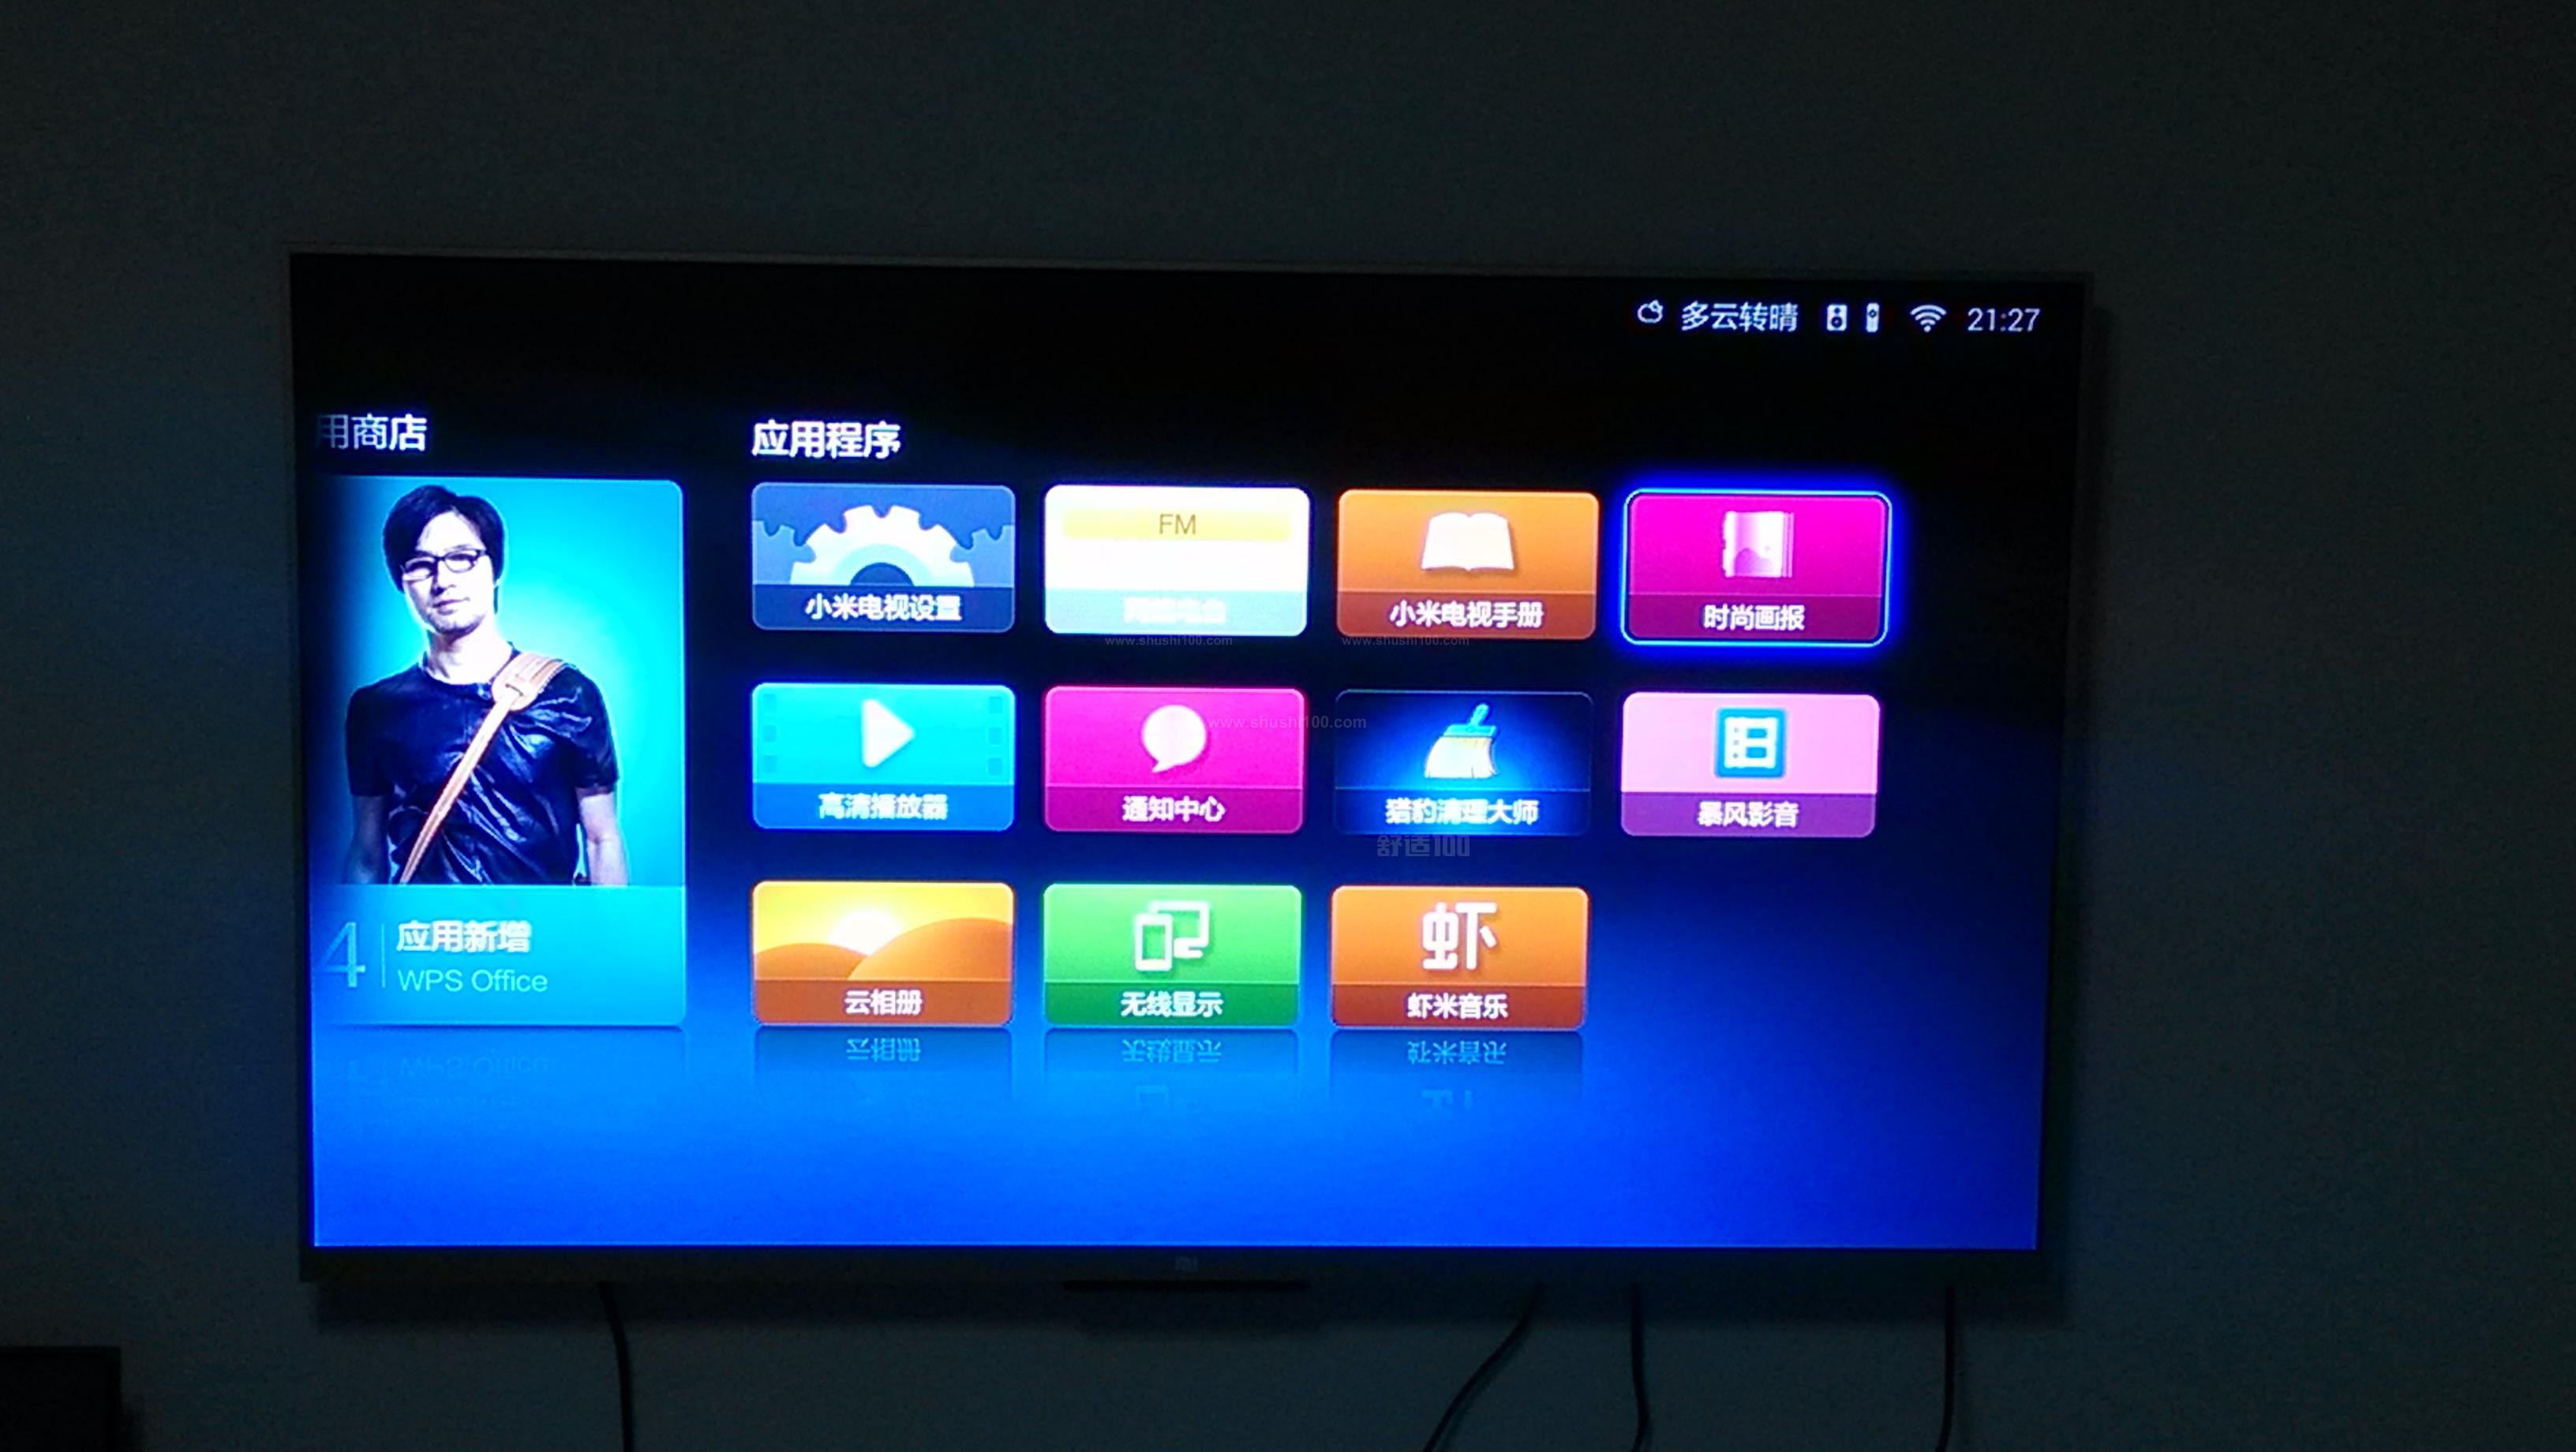 小米电视多少钱 小米电视价格